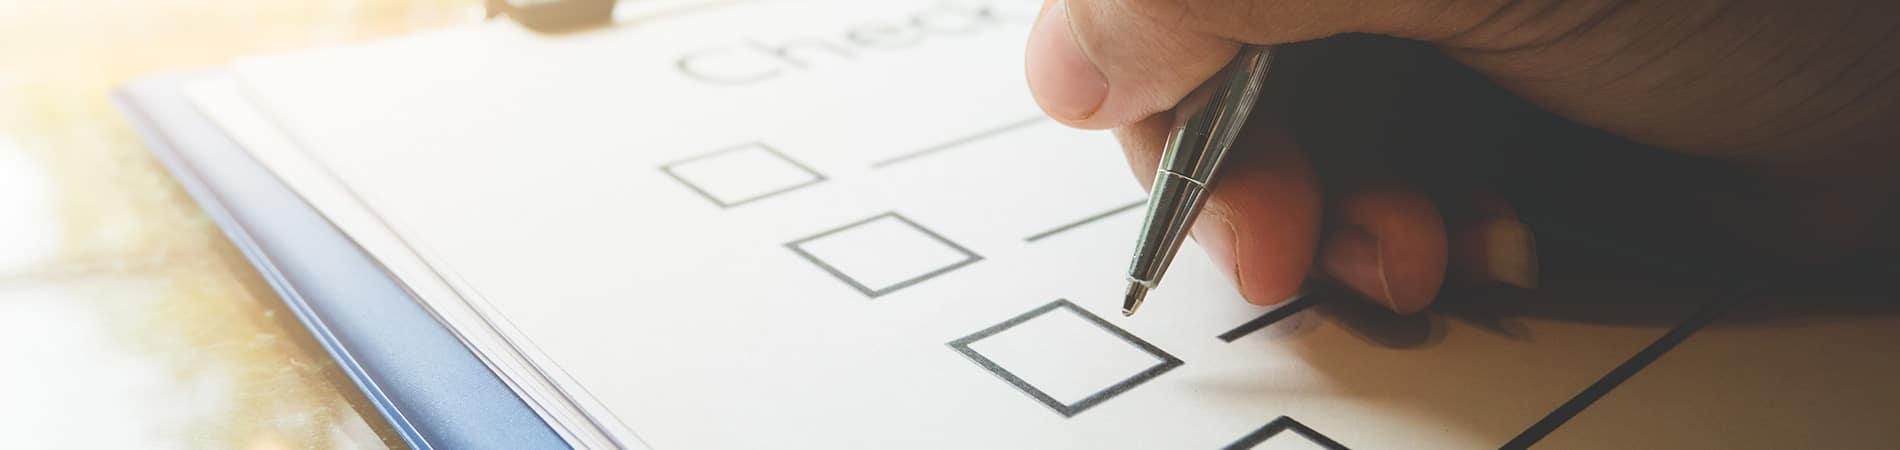 Headerbild Freiwilligenzentrum Wiesbaden – Checkliste